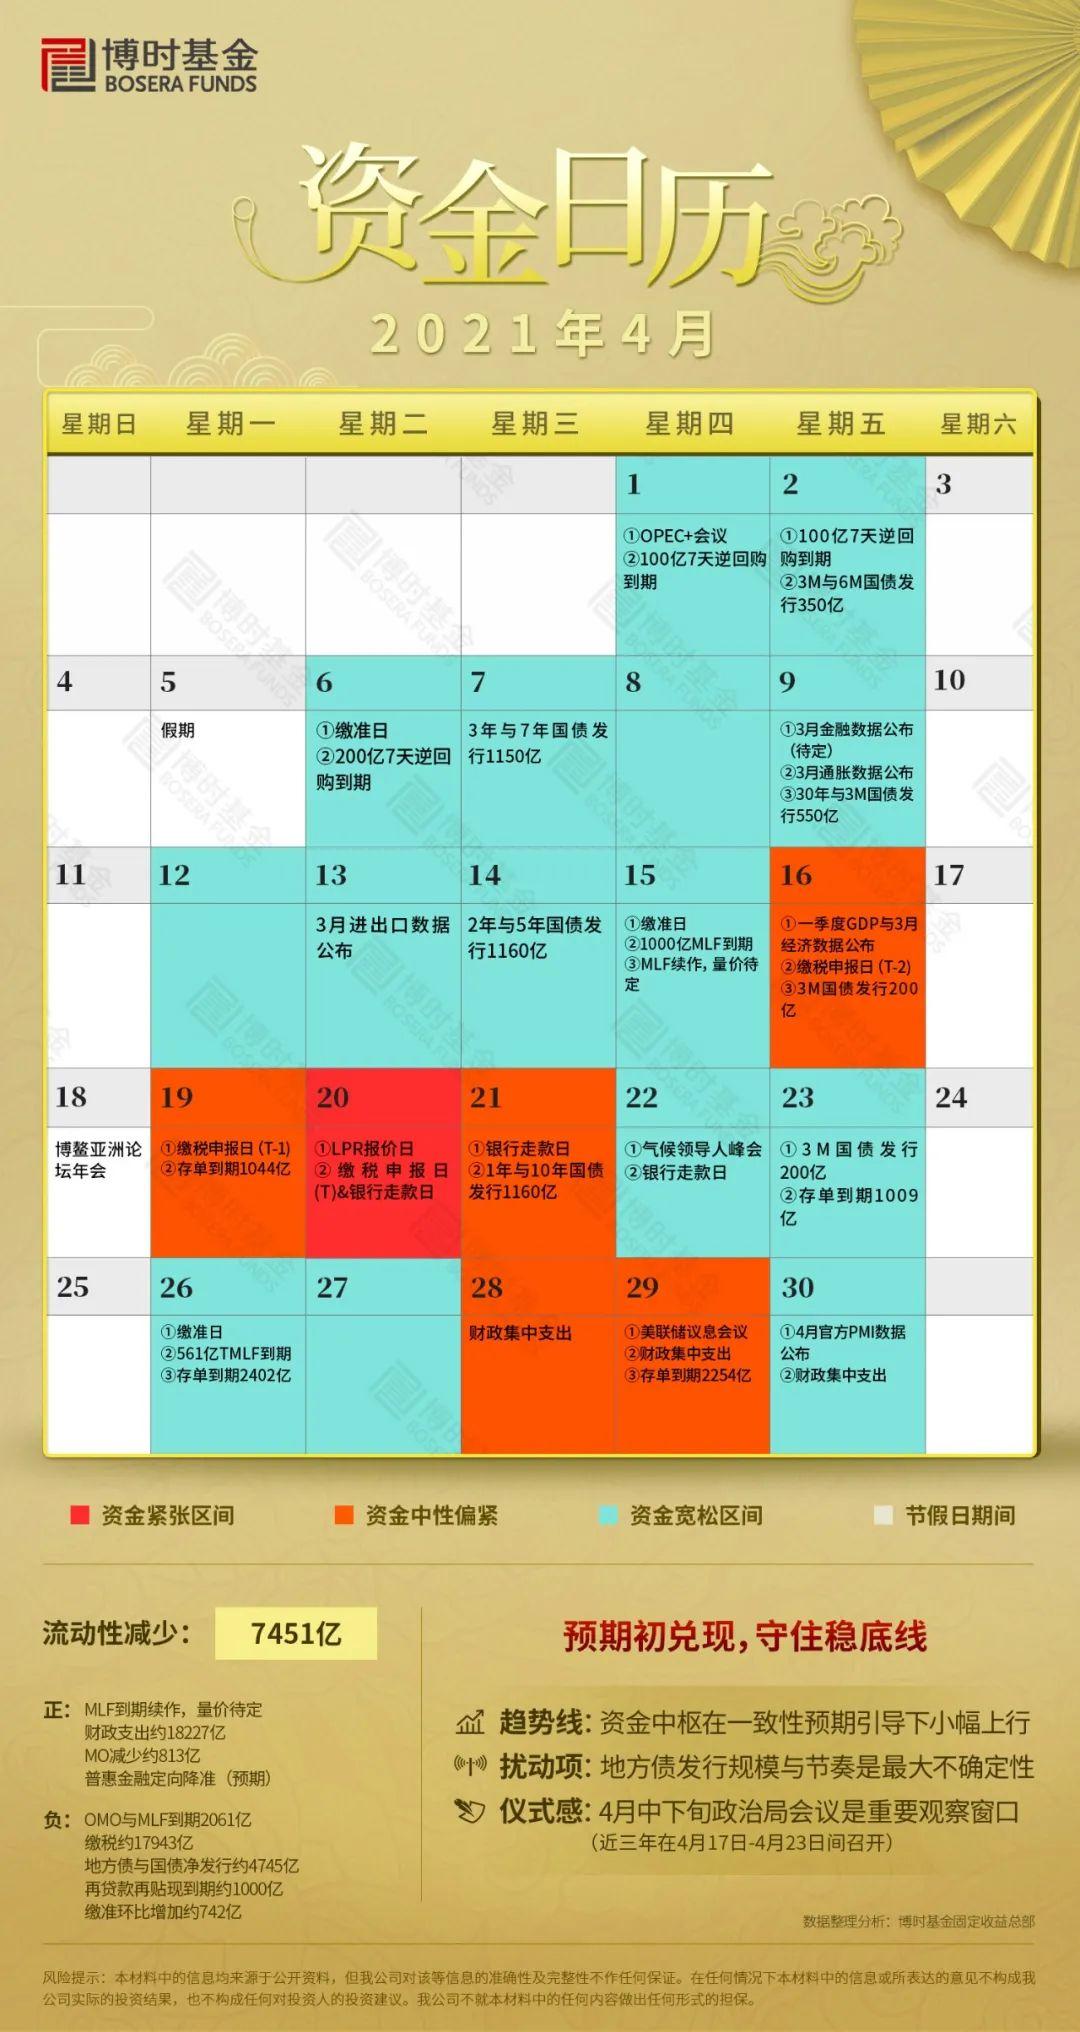 【博时固收】4月资金日历